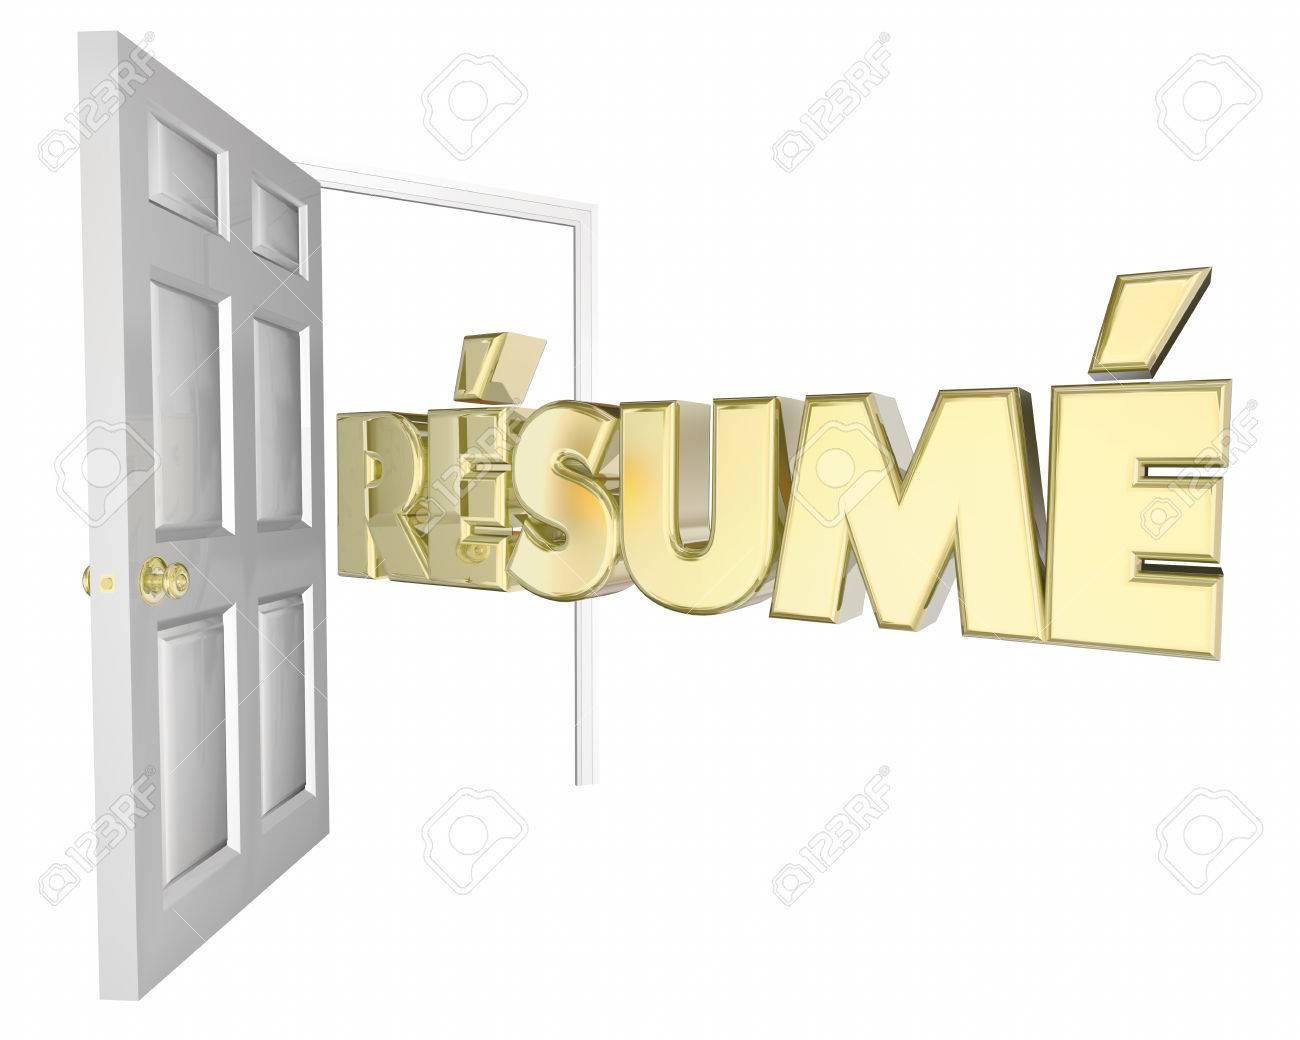 Entrevista Reanudar La Puerta Abierta Oportunidad De Trabajo 3d ...